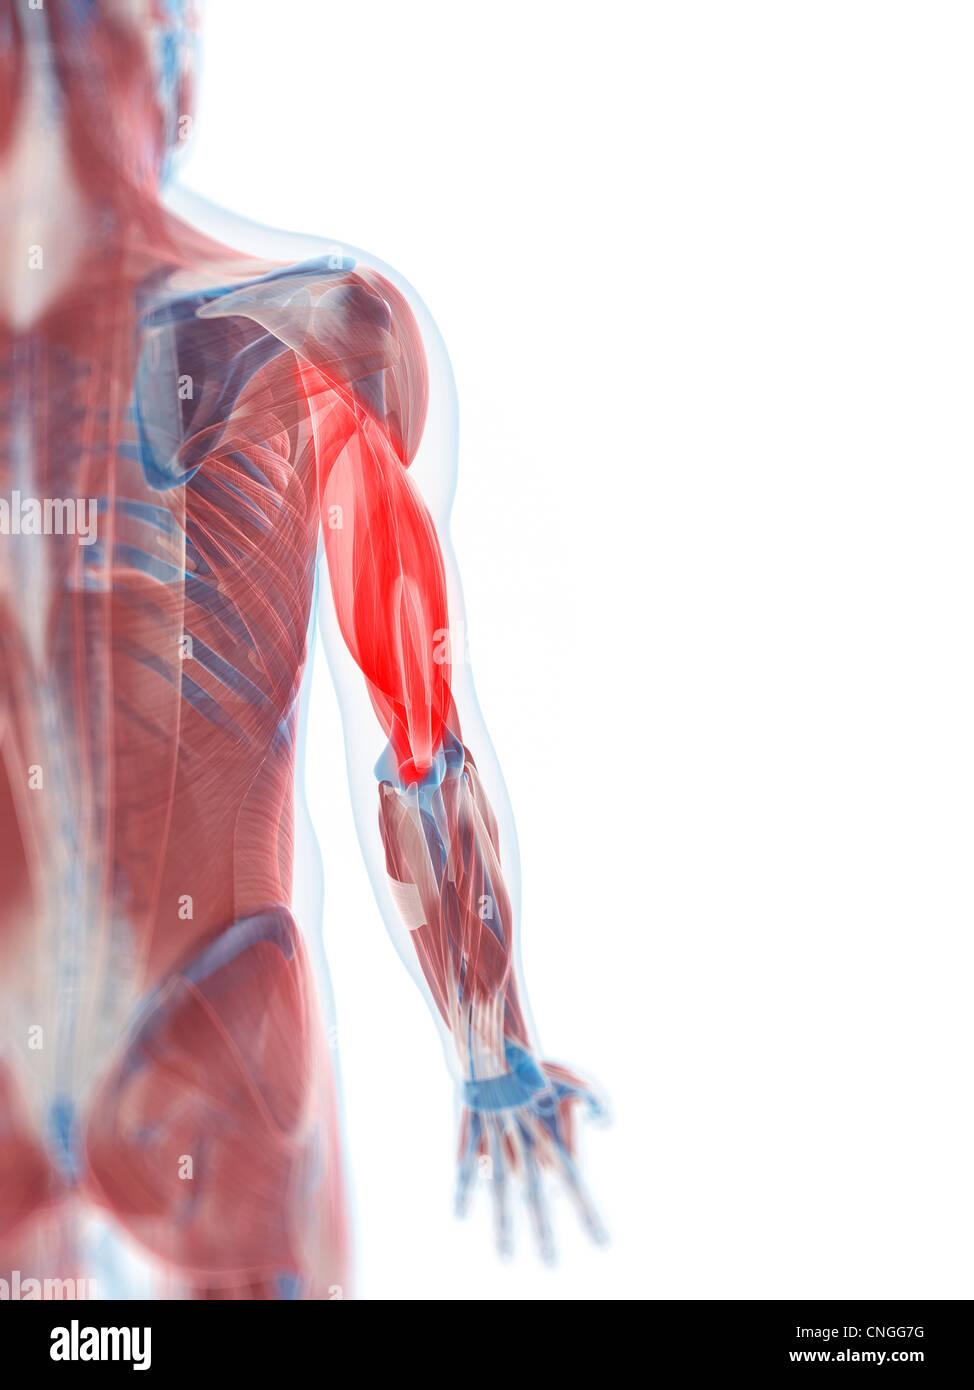 Berühmt Trizeps Muskel Anatomie Galerie - Menschliche Anatomie ...